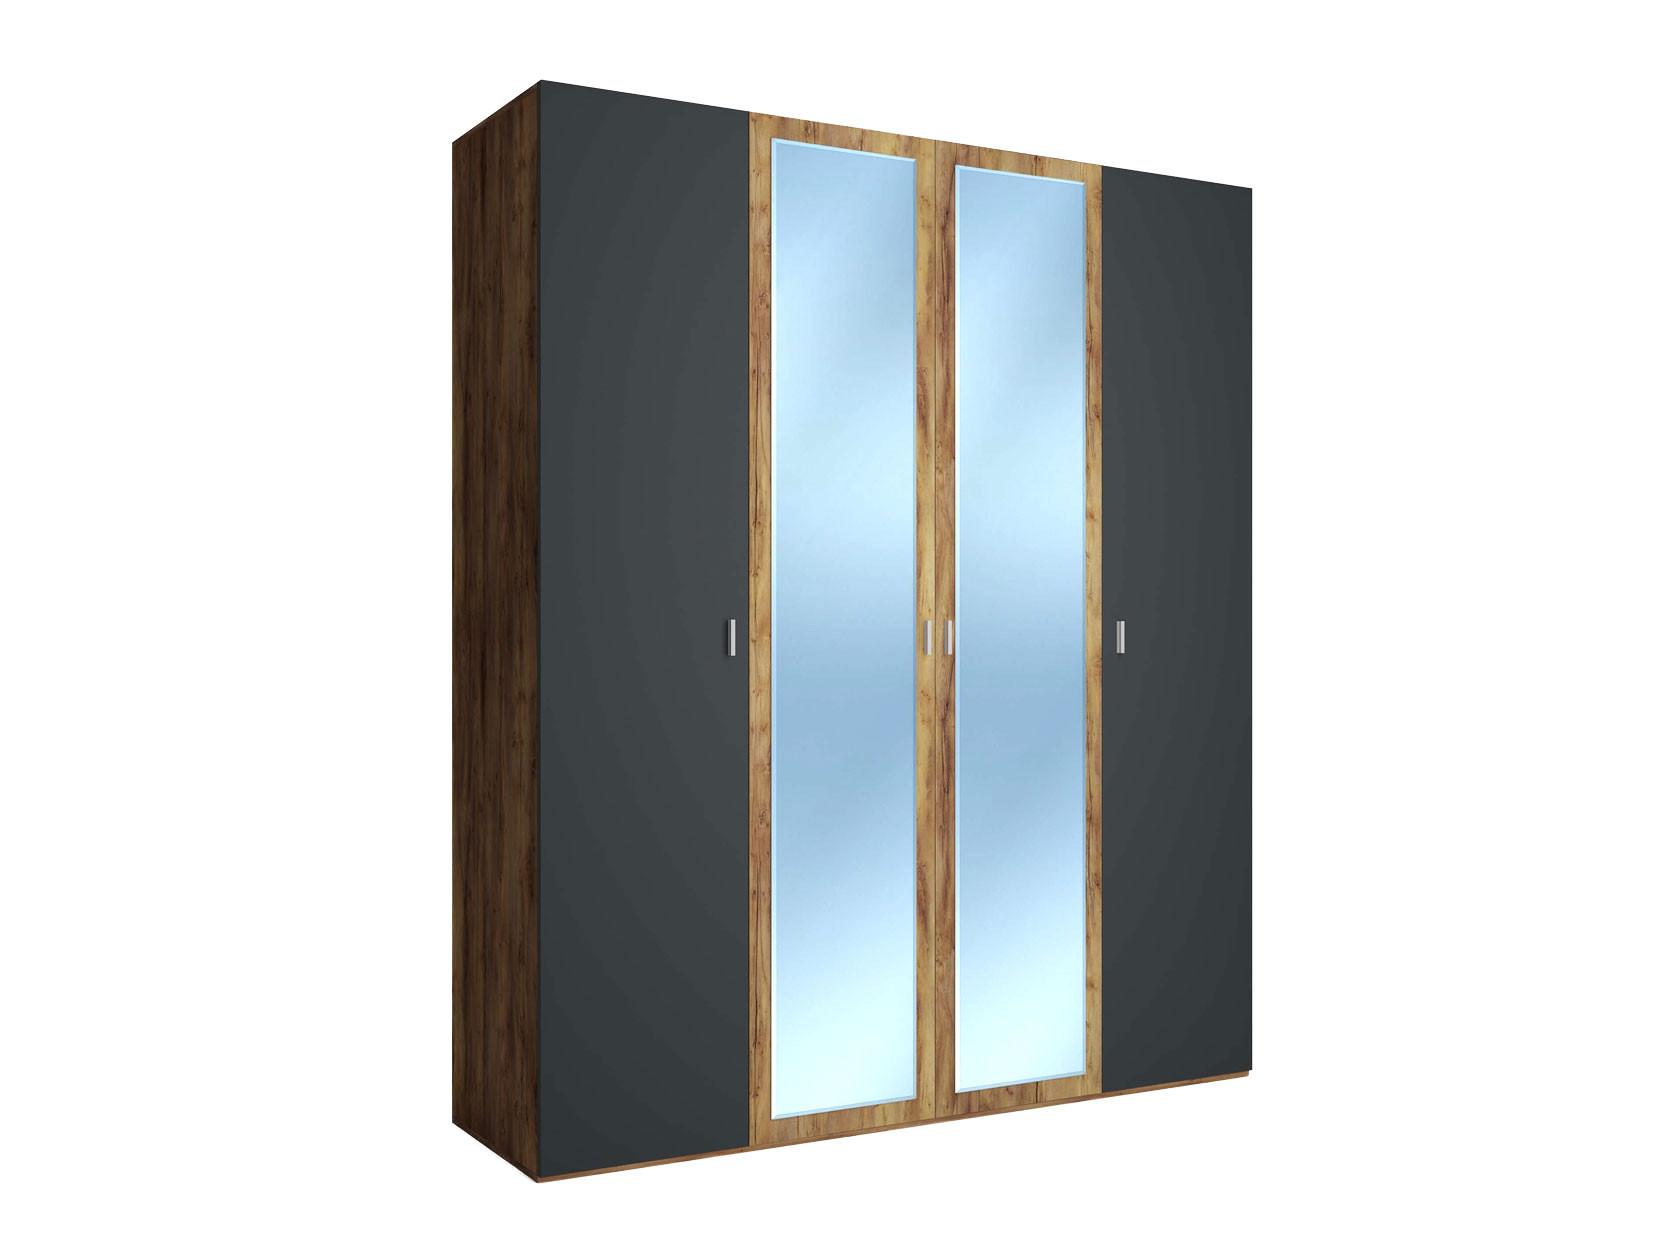 Распашной шкаф  4-х дверный Вега Бавария Таксония медовая / Антрацит, С двумя зеркалами, Без топа-накладки КУРАЖ 104986